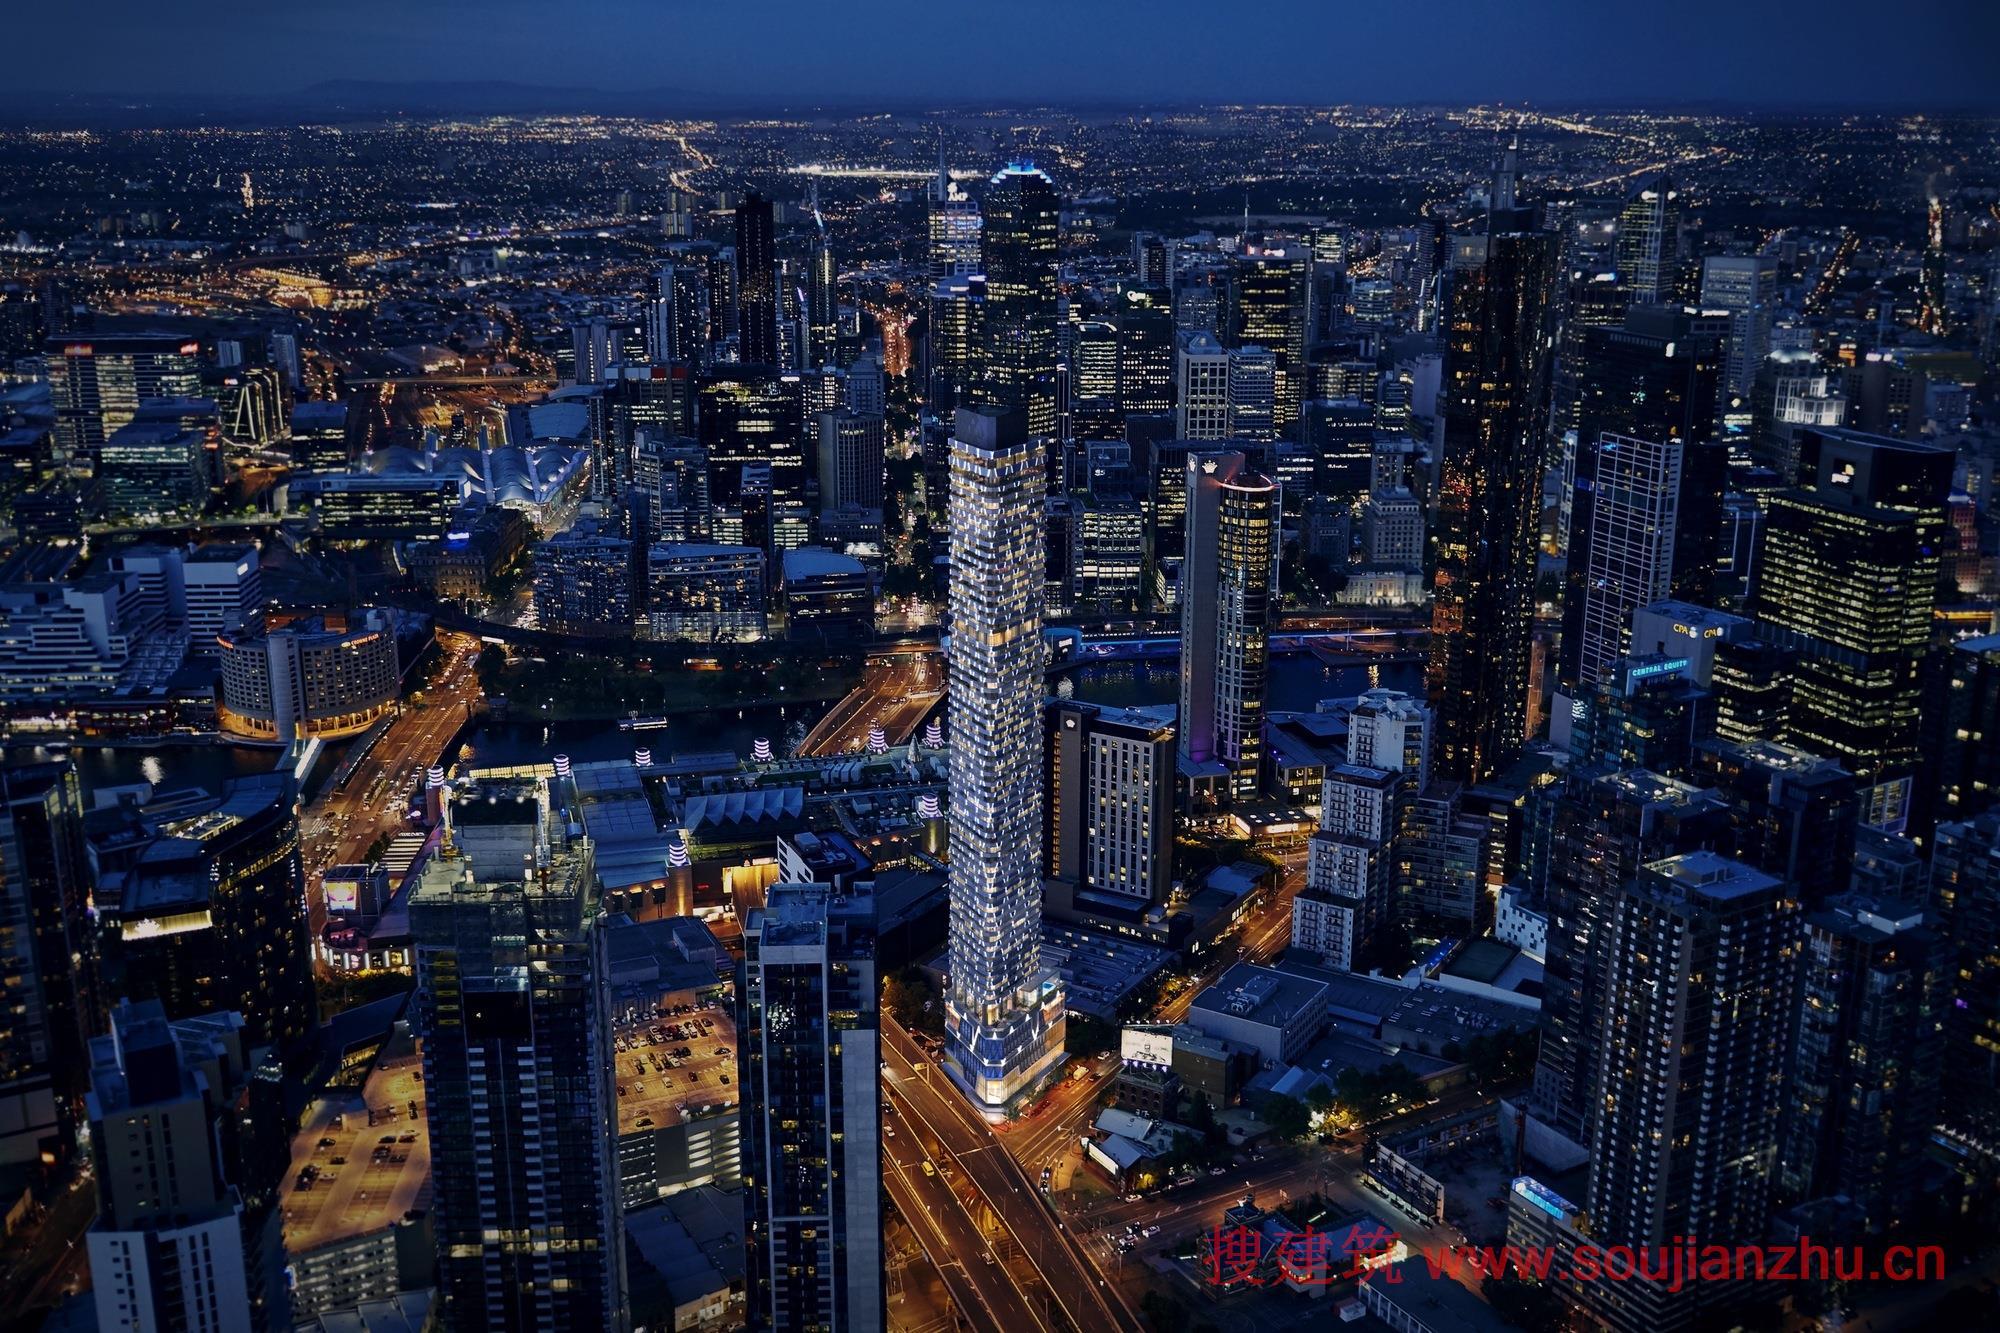 建筑师:ROTHELOWMAN 地点:澳大利亚 年份:2016  Rothelowman建筑师与KPDO的室内设计相结合共同完成了88 Melbourne的设计方案,共耗资1亿澳元,并已公布。55层高的通天塔位于澳大利亚南岸城市的娱乐区。通天塔的设计灵感来源于手工珠宝和折纸艺术。创造在外部的钻石型灯管将会让塔楼的外观非常的闪耀,并能在夜晚照亮墨尔本的夜空。   KPDO的室内设计旨在唤起欧洲酒店和豪华住宅的优雅,运用了一系列的纹理饰面和奢华的触动。共享设施包括一个水疗中心,蒸汽室,桑拿浴室和室内游泳池。还